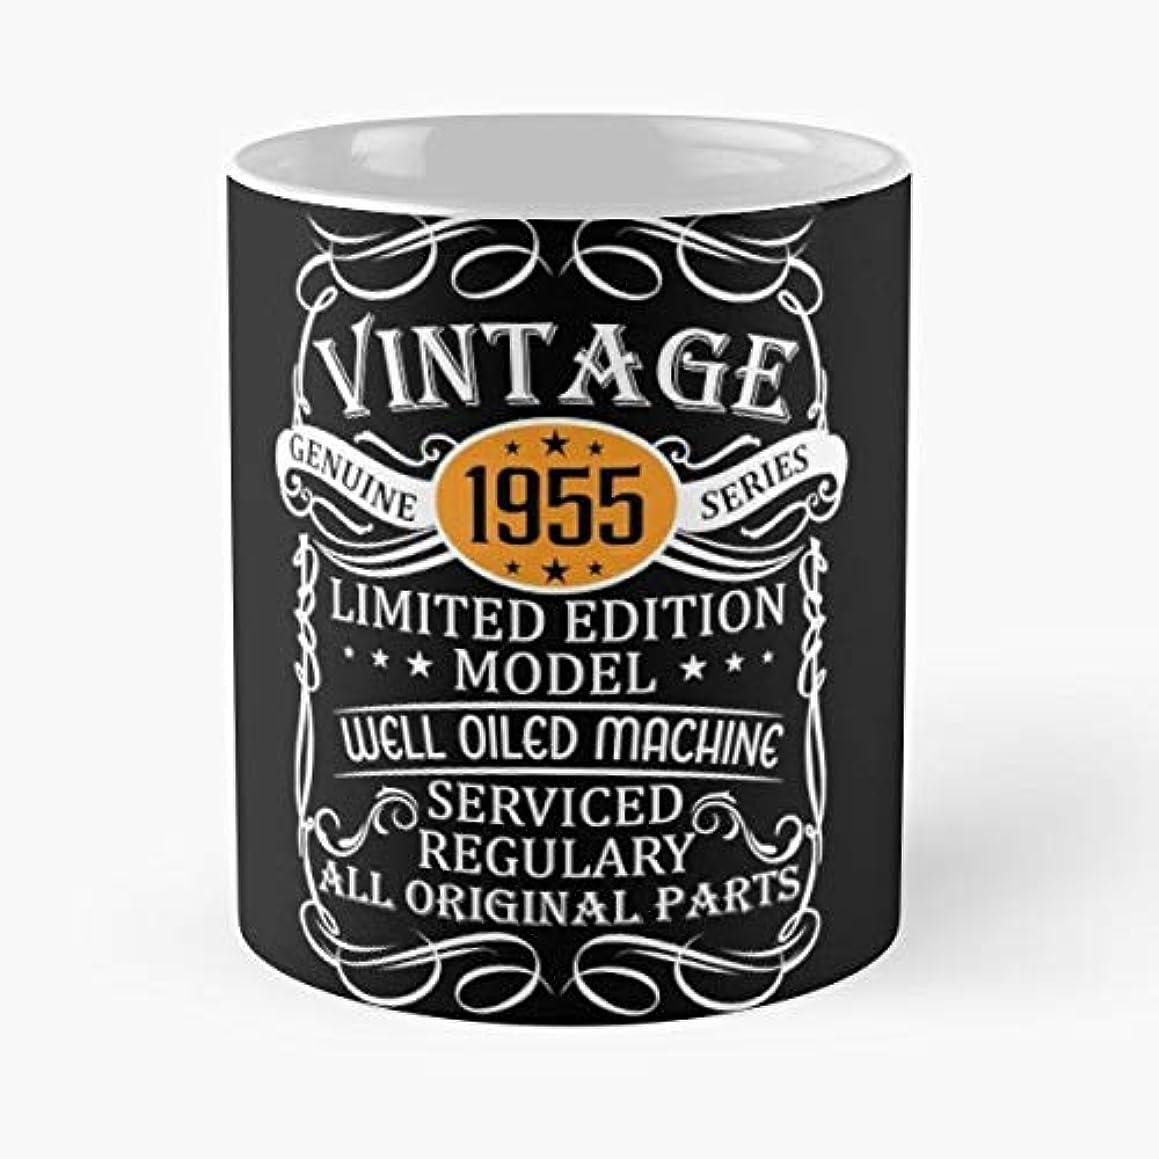 63 Brother Sister Son Gift Coffee/tea Ceramic Mug 11 Oz